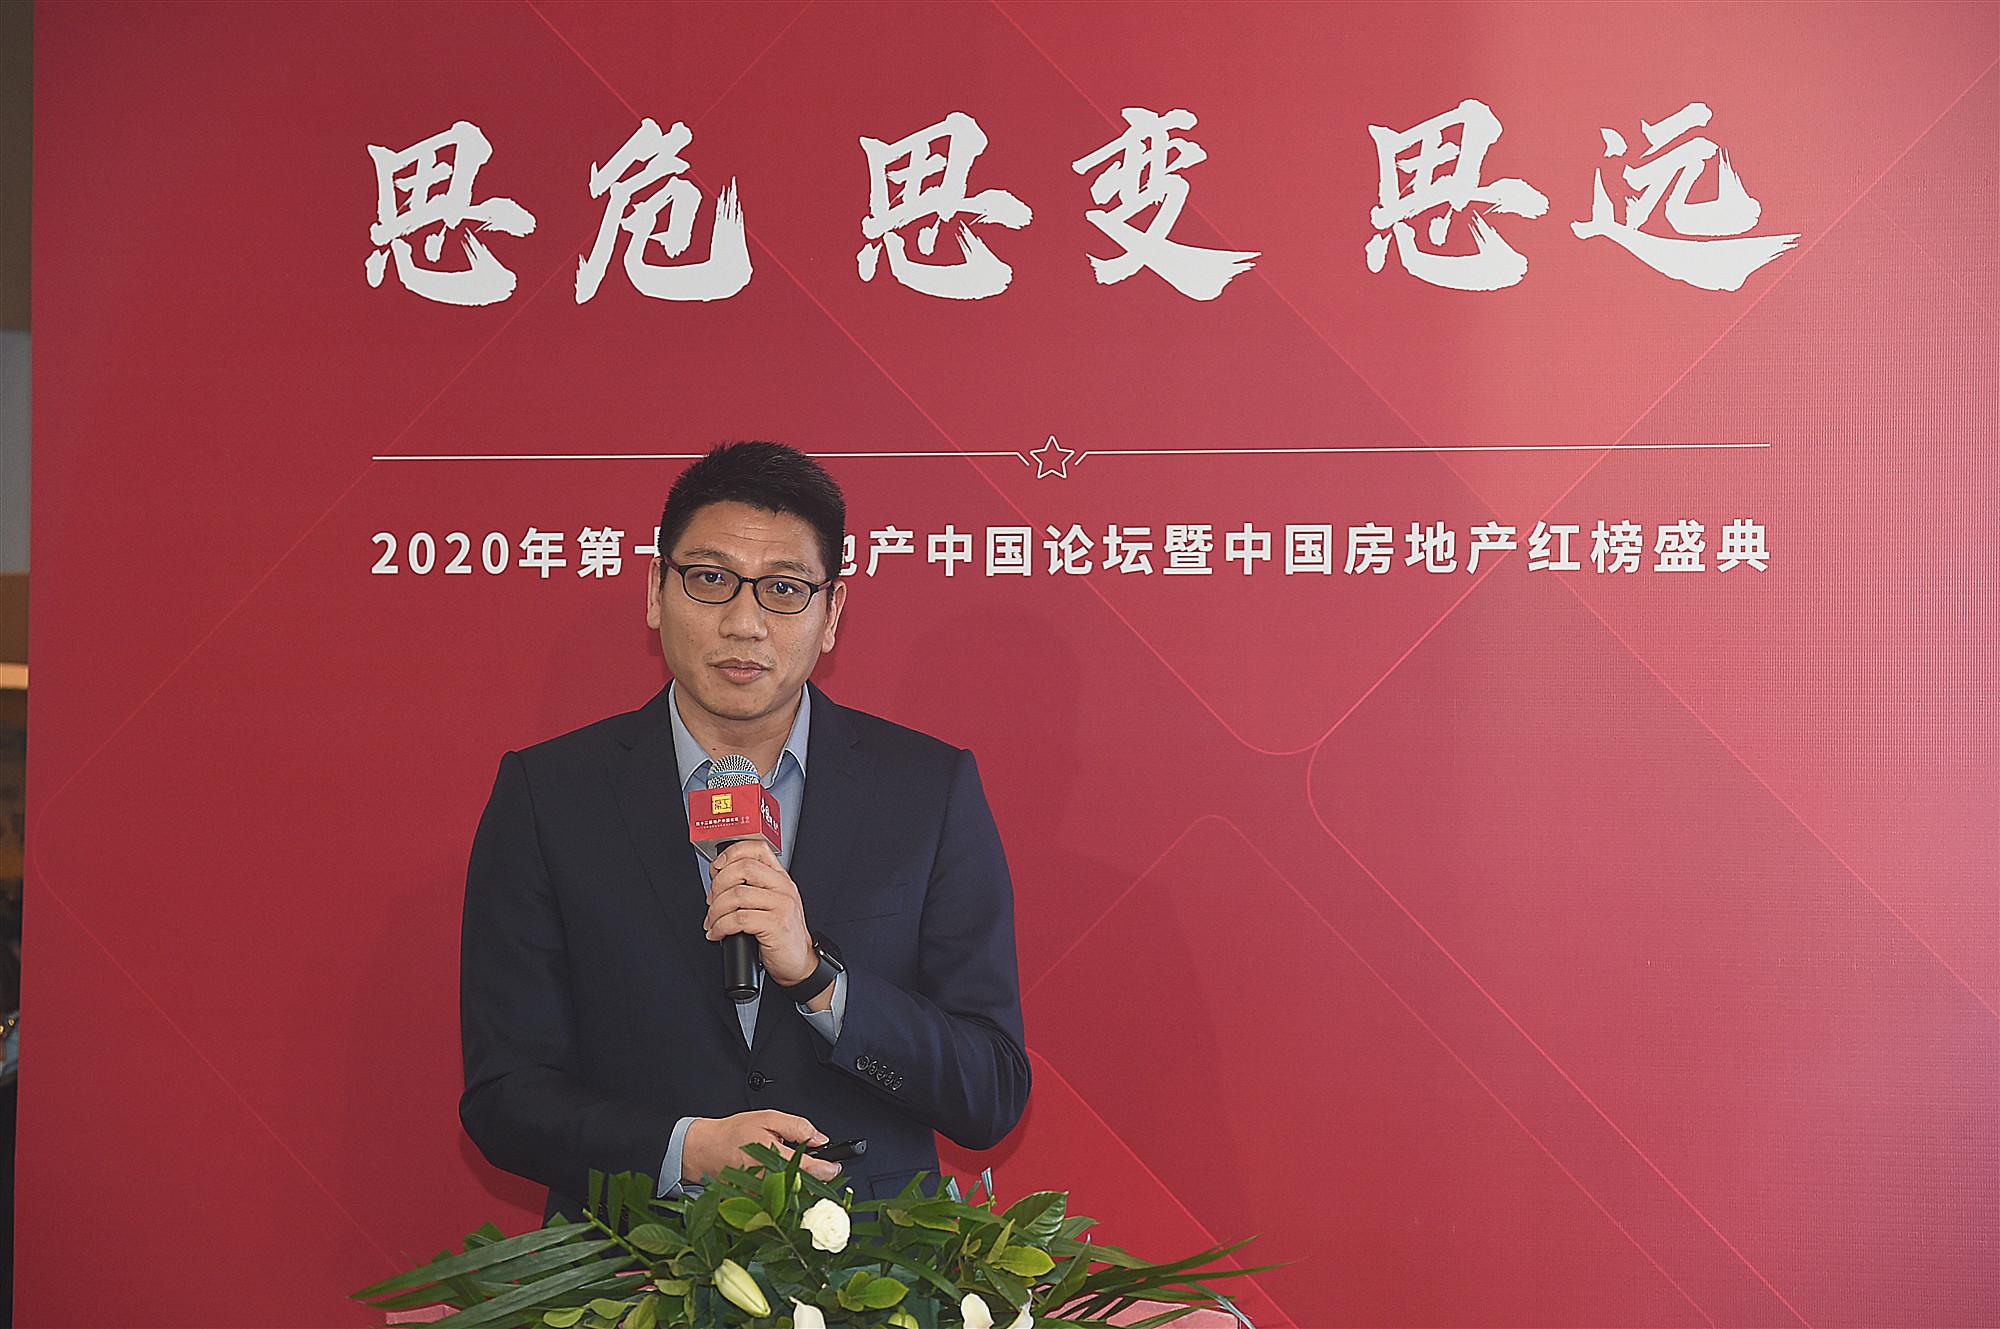 远洋养老谭超:整合三方资源 打造养老产业链-中国网地产